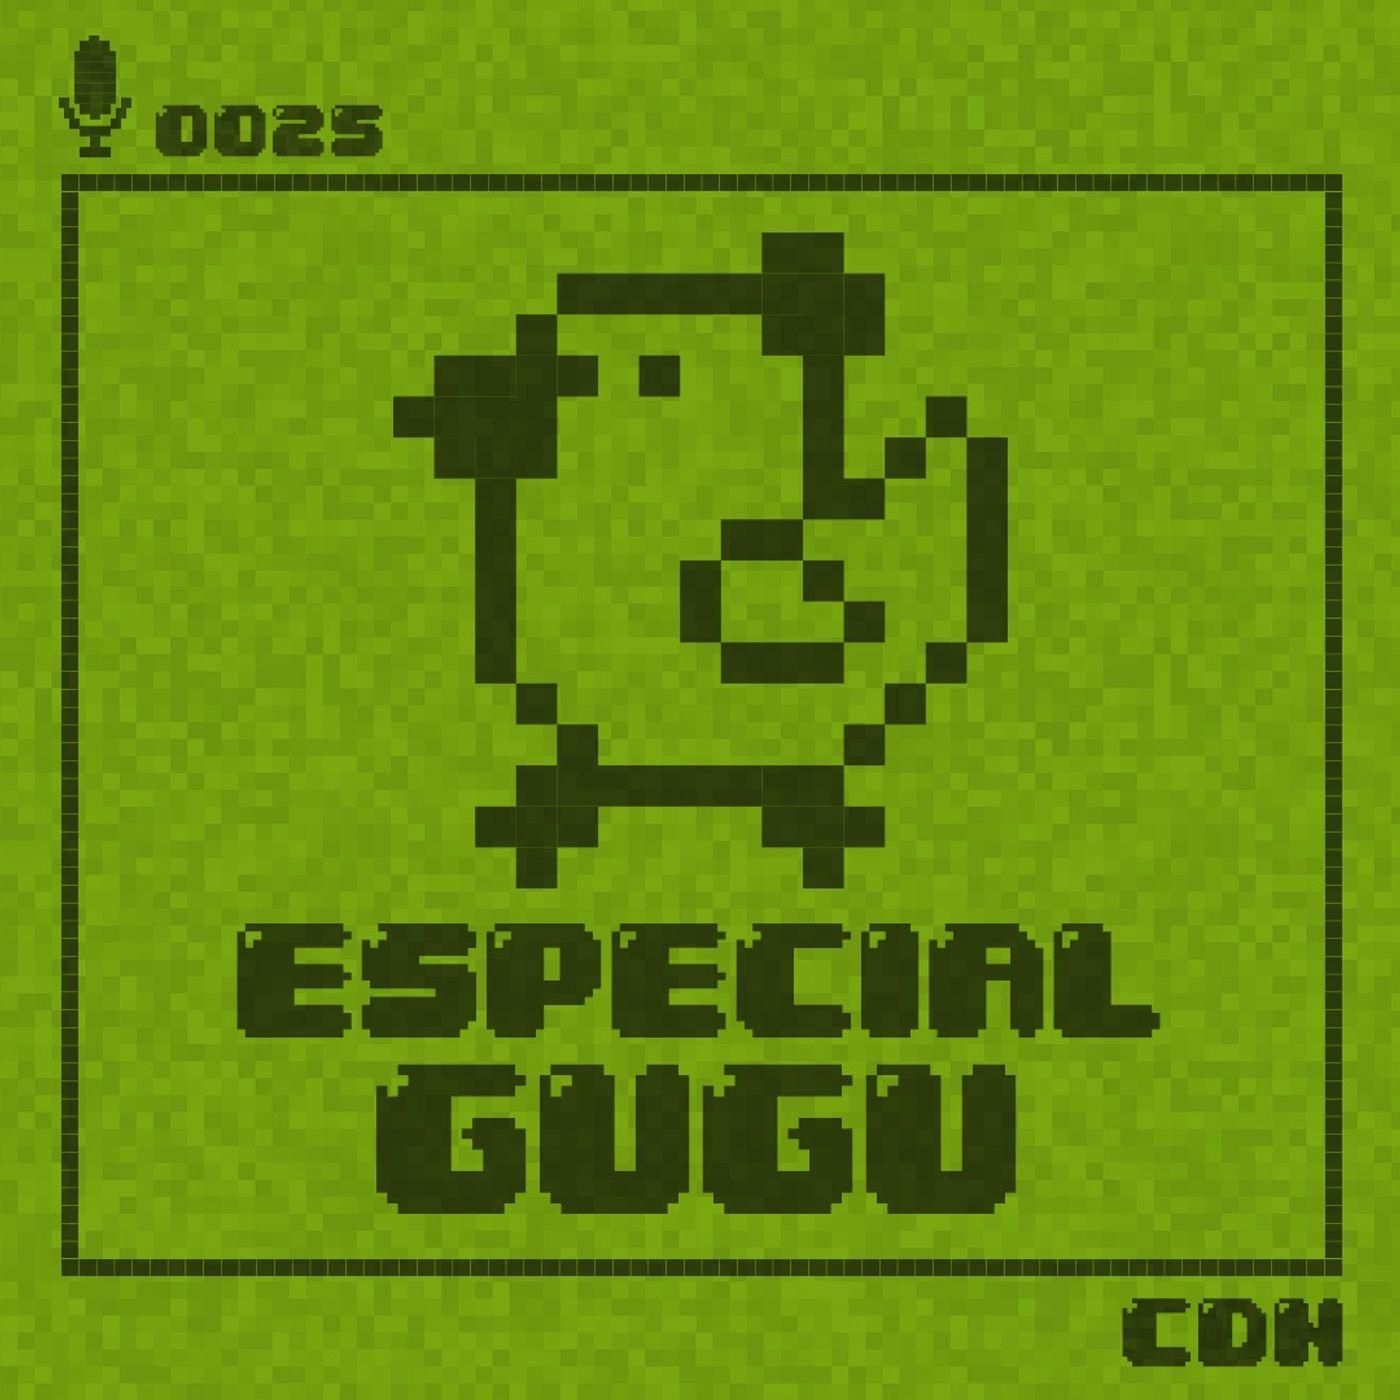 Especial Gugu